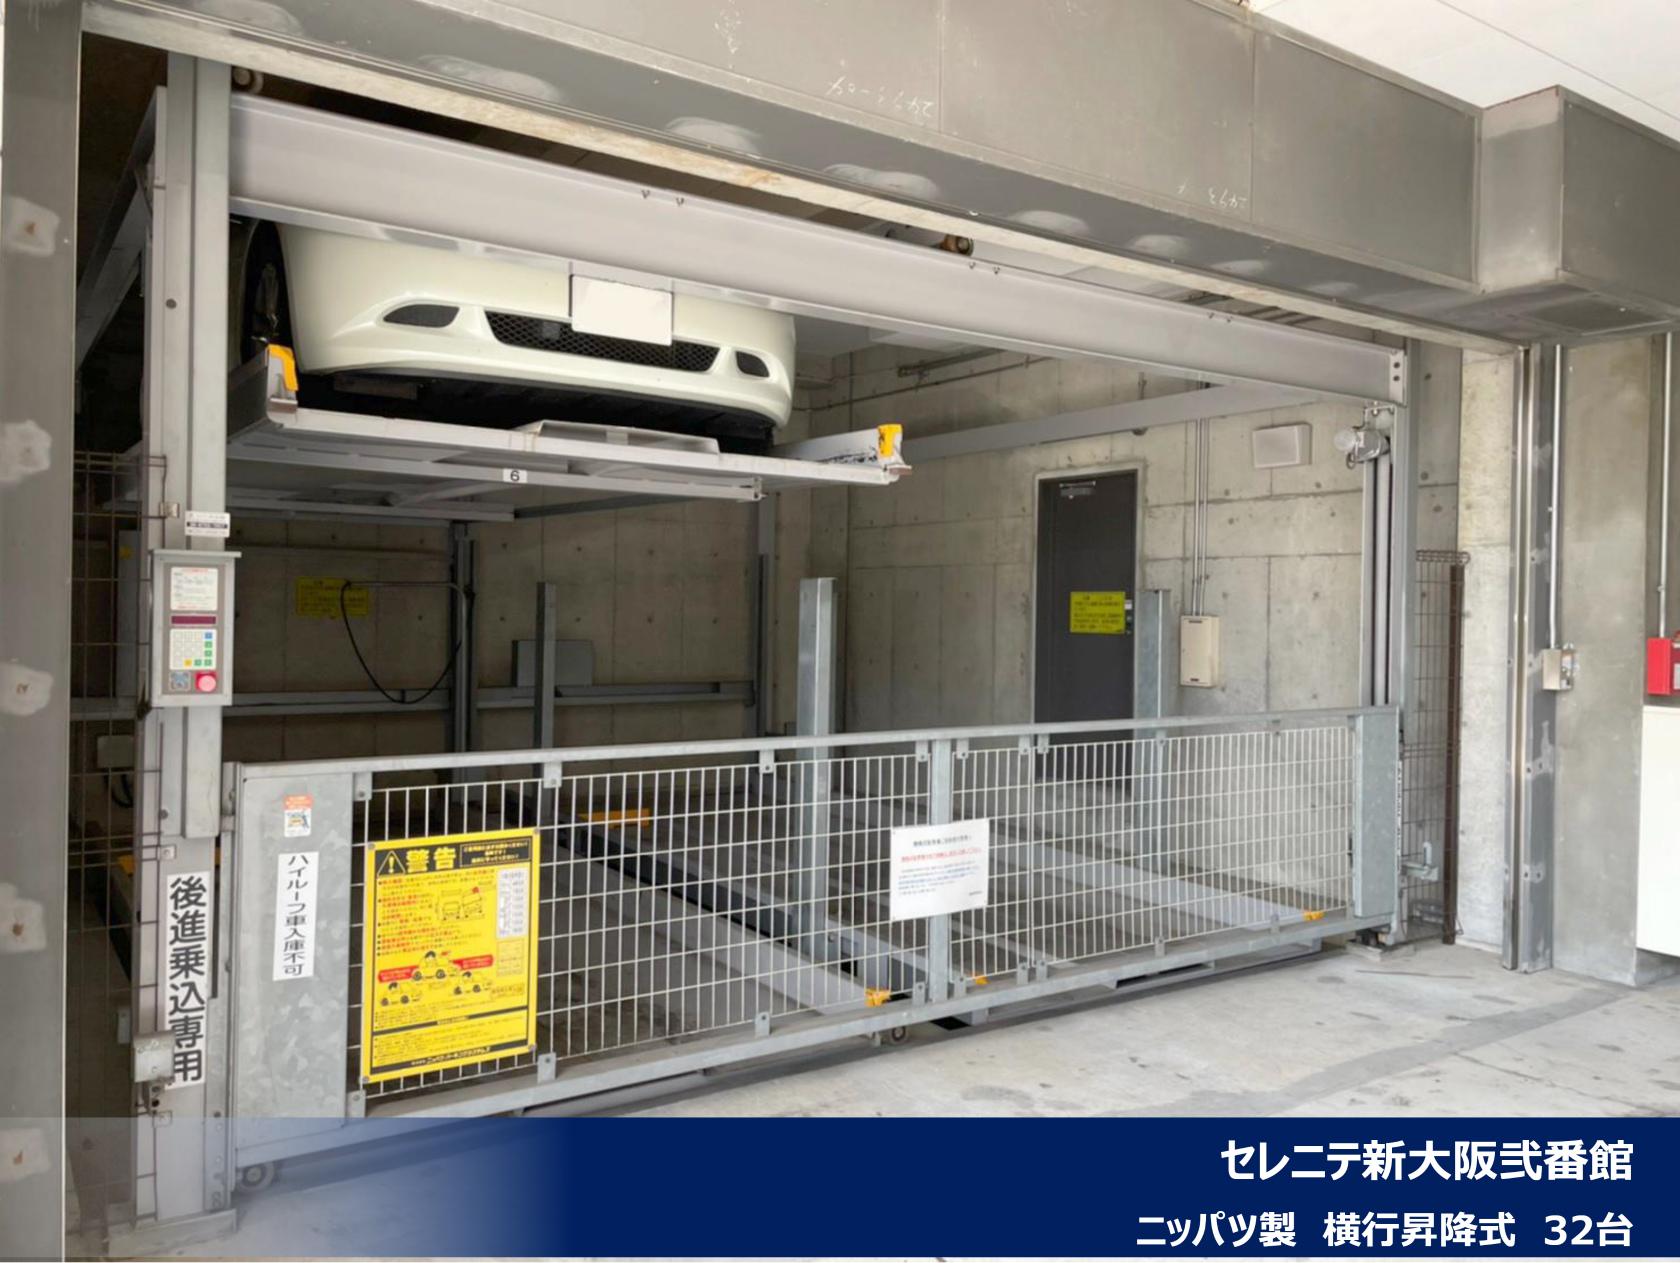 2021年8月度 関西19件・関東5件 機械式・立体式駐車場メンテナンス受託を頂きました!